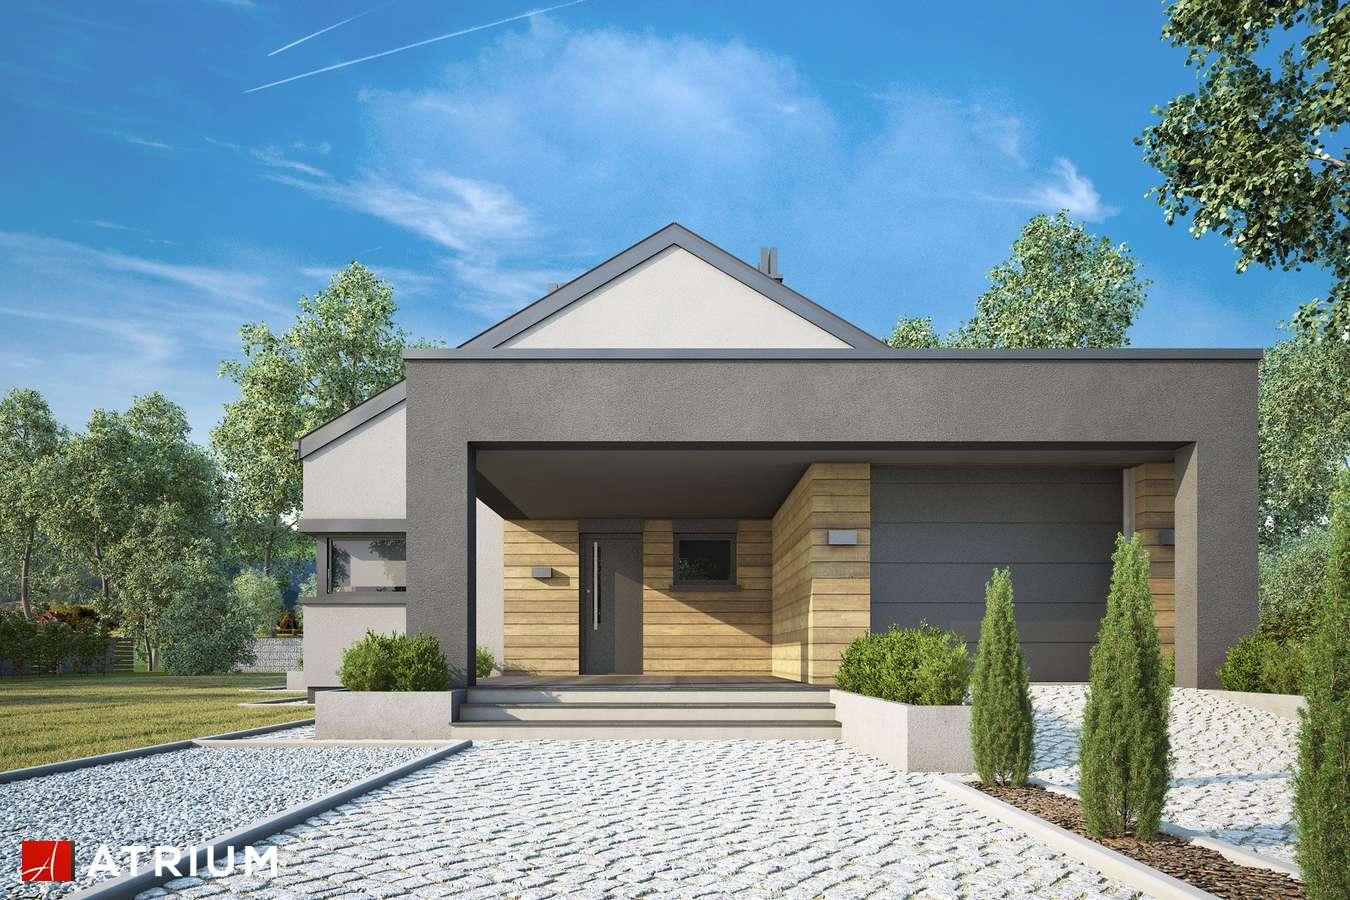 Projekty domów - Projekt domu parterowego SARDYNIA XIV - wizualizacja 2